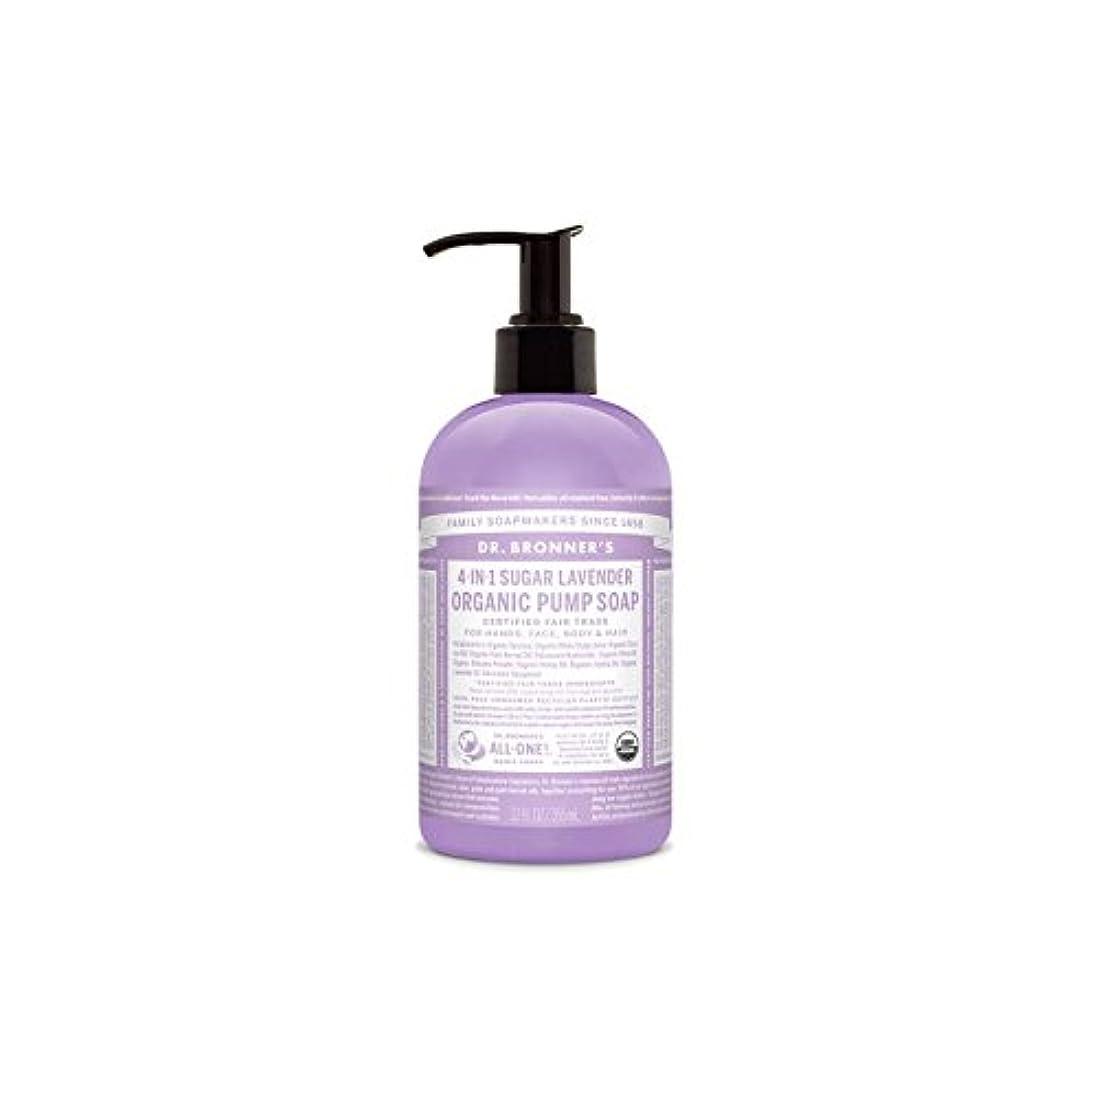 ブロナー有機ラベンダーハンドソープ(355ミリリットル) x2 - Dr. Bronner Organic Shikakai Lavender Hand Soap (355ml) (Pack of 2) [並行輸入品]